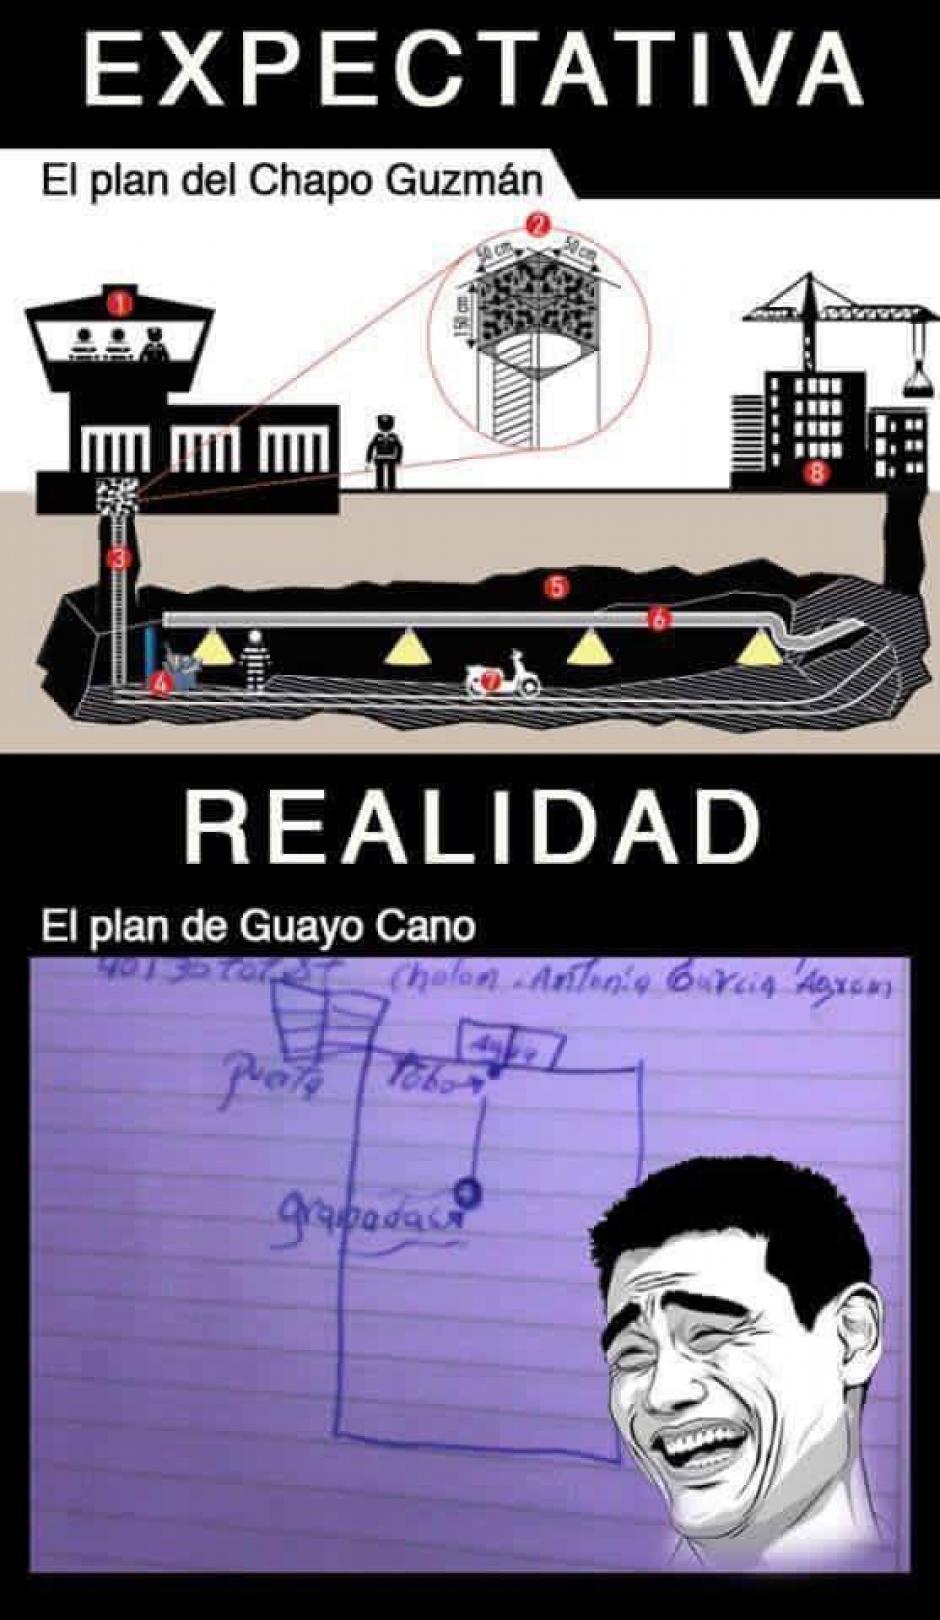 Algunos usuarios comparan el plan con el del narcotraficante mexicano conocido como el Chapo Guzmán. (Foto@EIGuatemalteco)